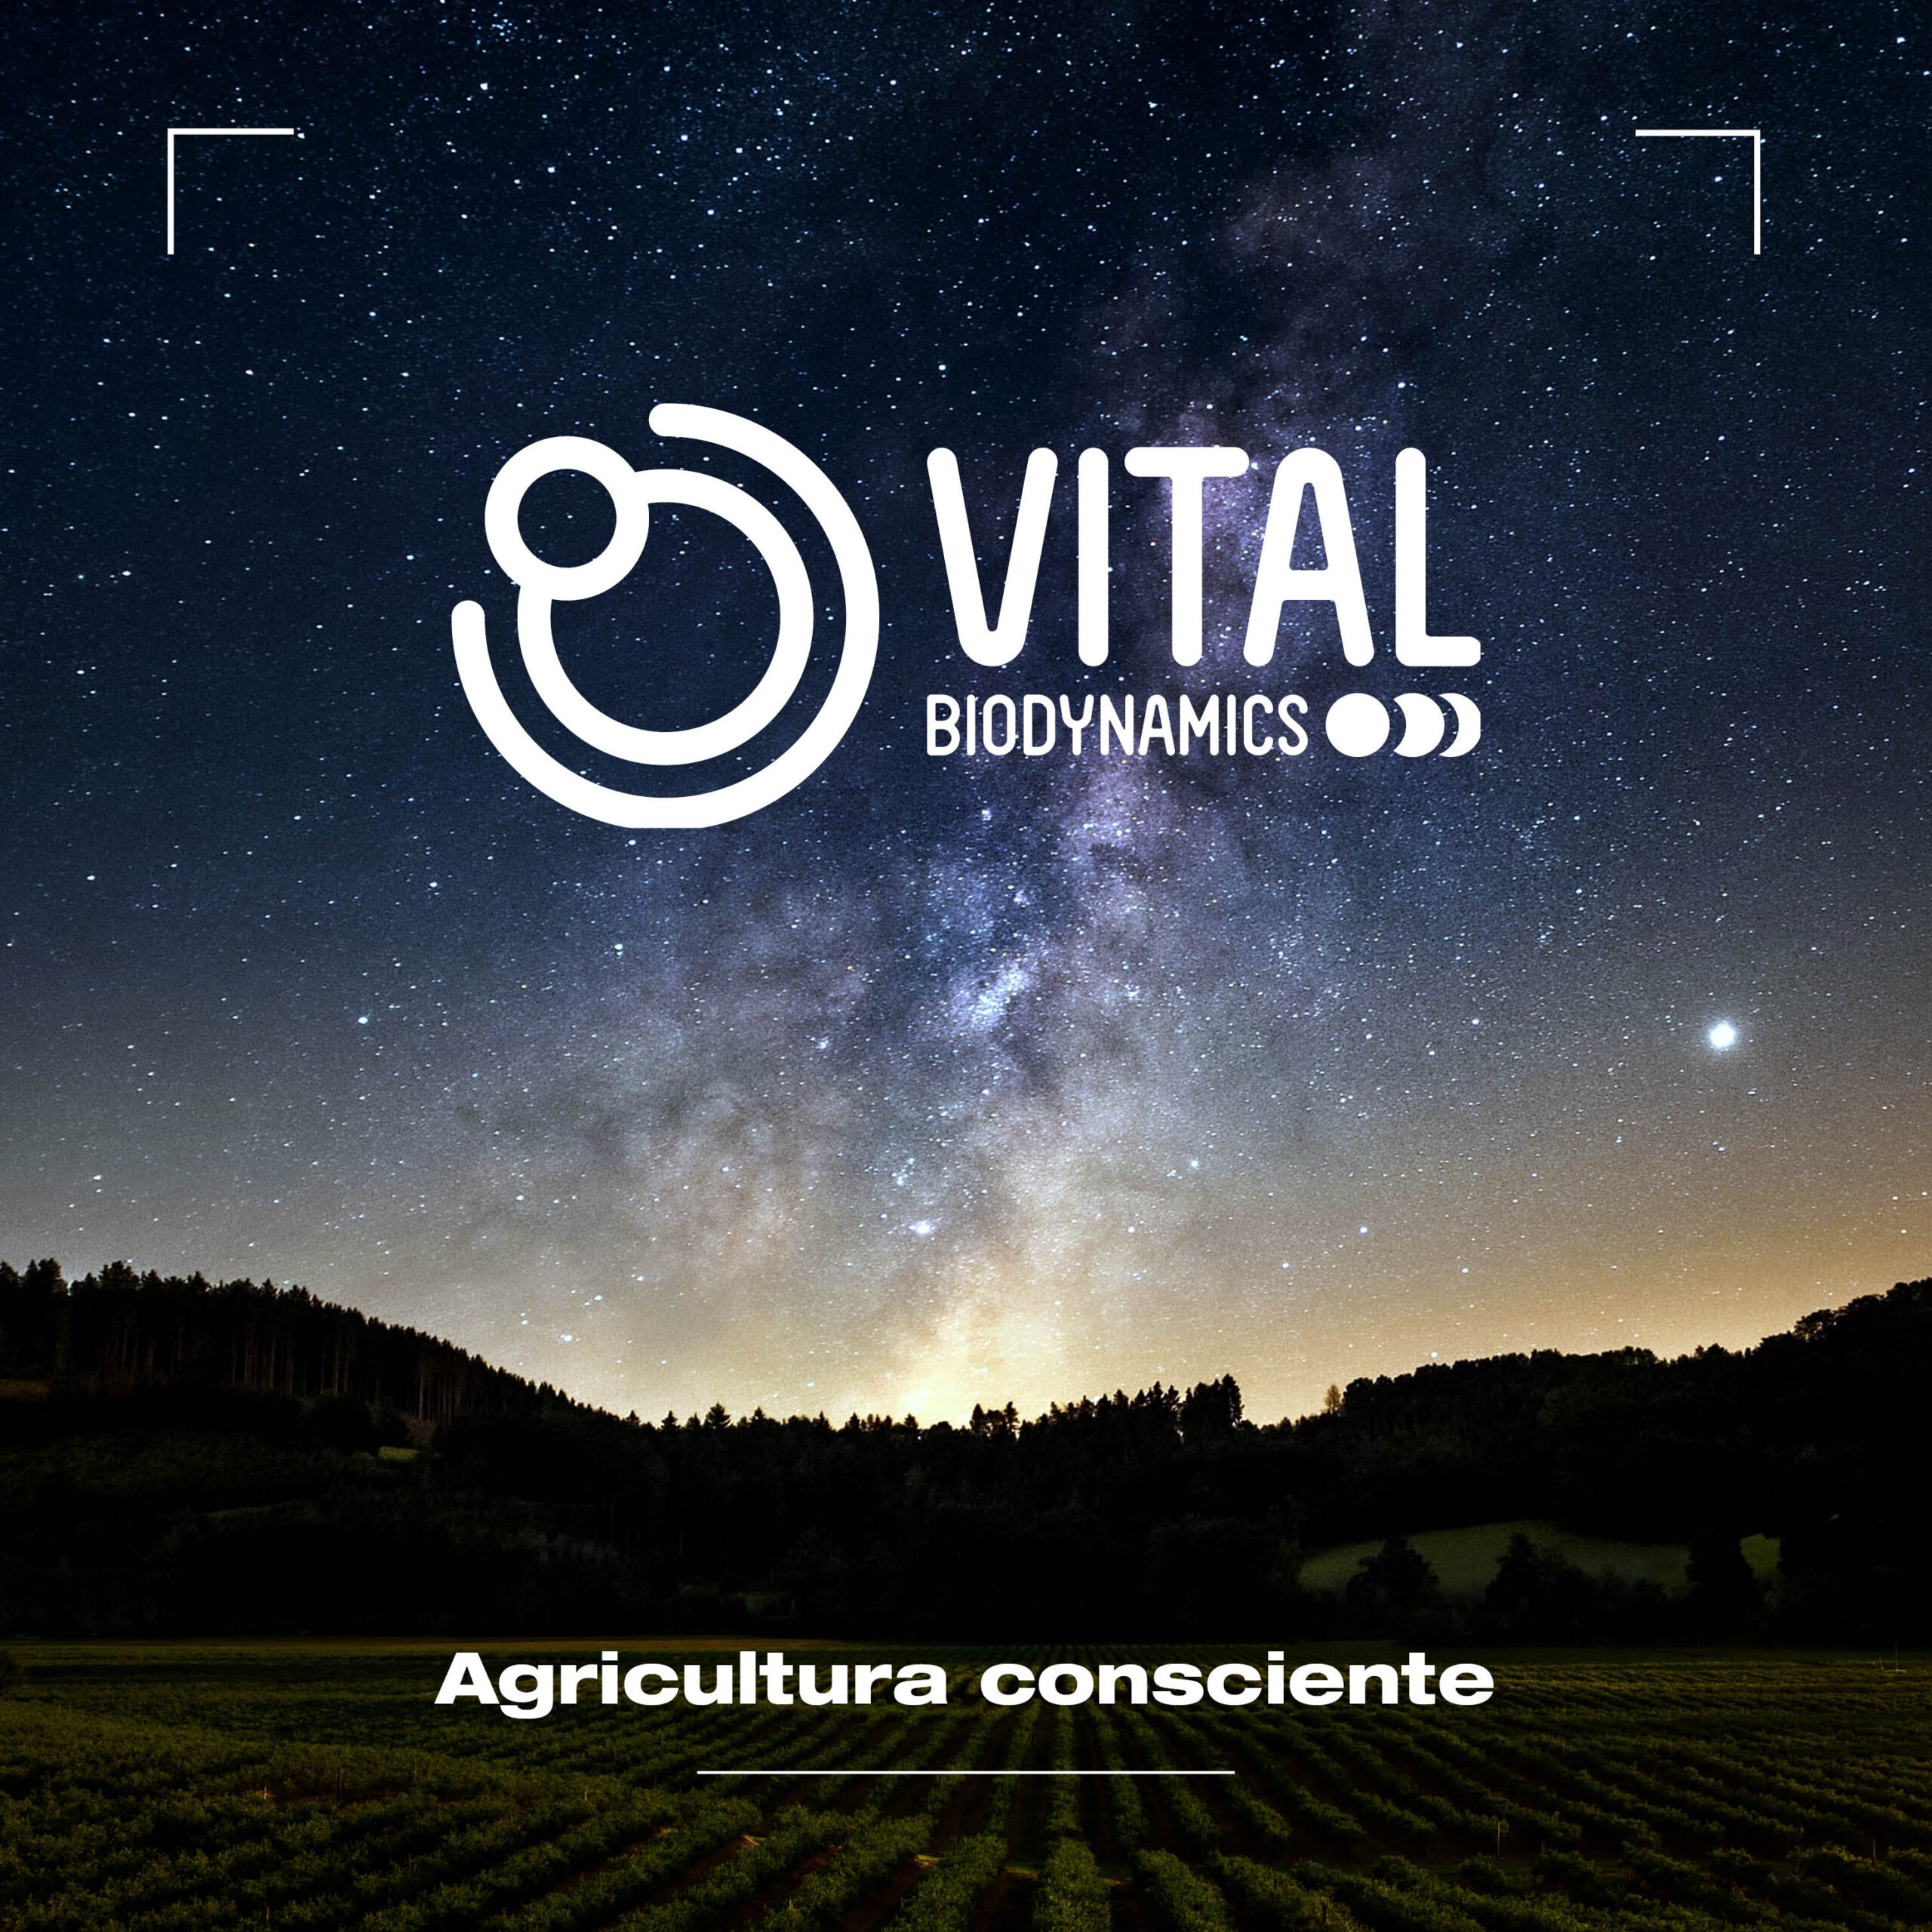 Idai Nature lanza VITAL Biodynamics su linea específica de agricultura biodinámica